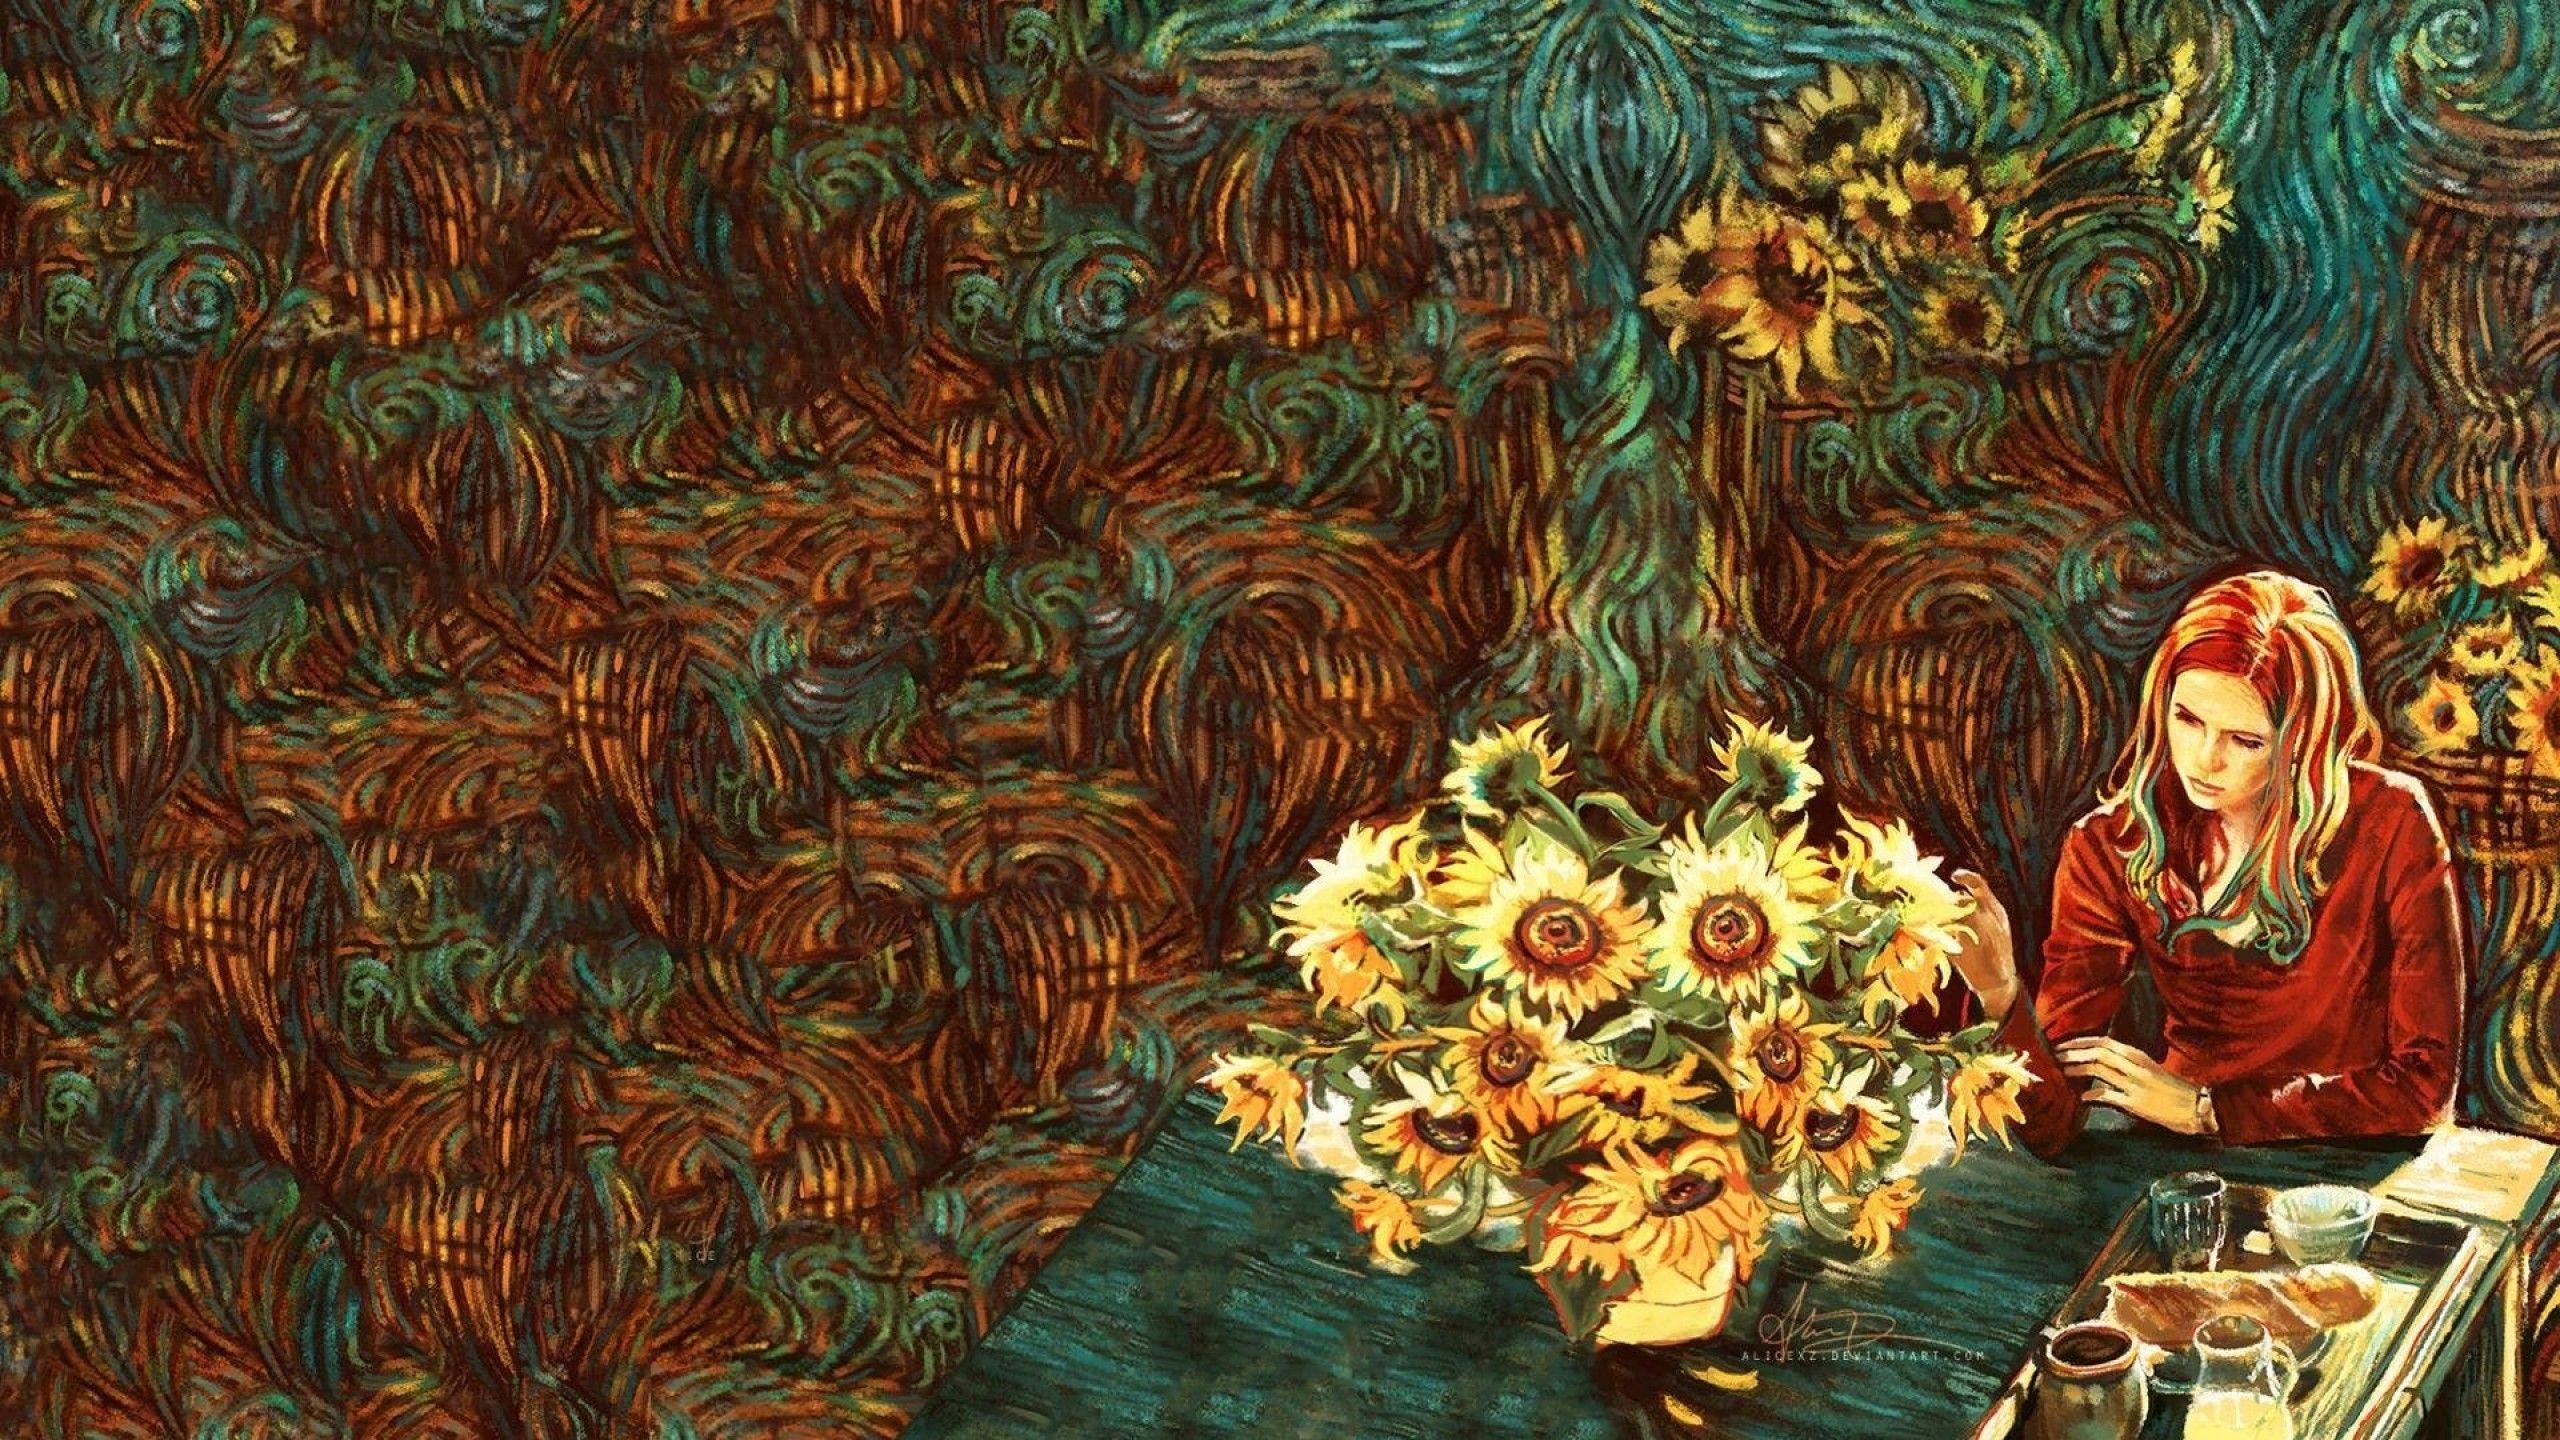 Vincent Van Gogh Karen Gillan Amy Pond Doctor Who Sunflowers 1920x1080 Wallpaper Art Hd Wallpaper 256 Van Gogh Wallpaper Doctor Who Wallpaper Artsy Background